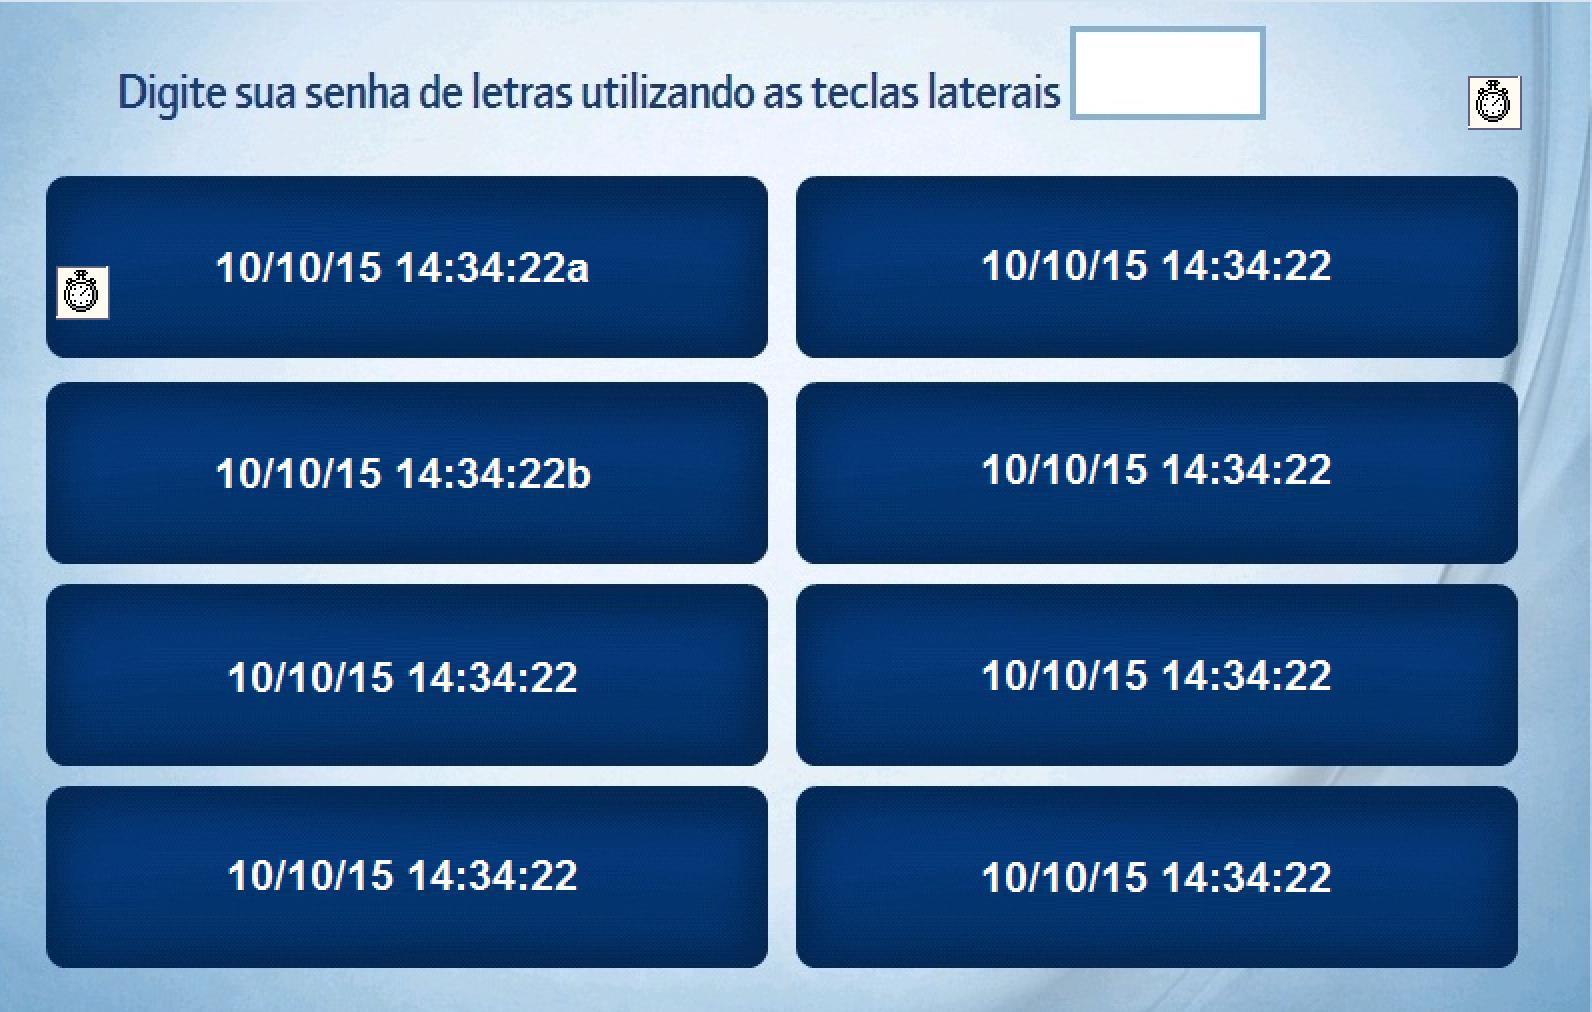 図1:セキュリティコードの入力を求めるスクリーンを表示